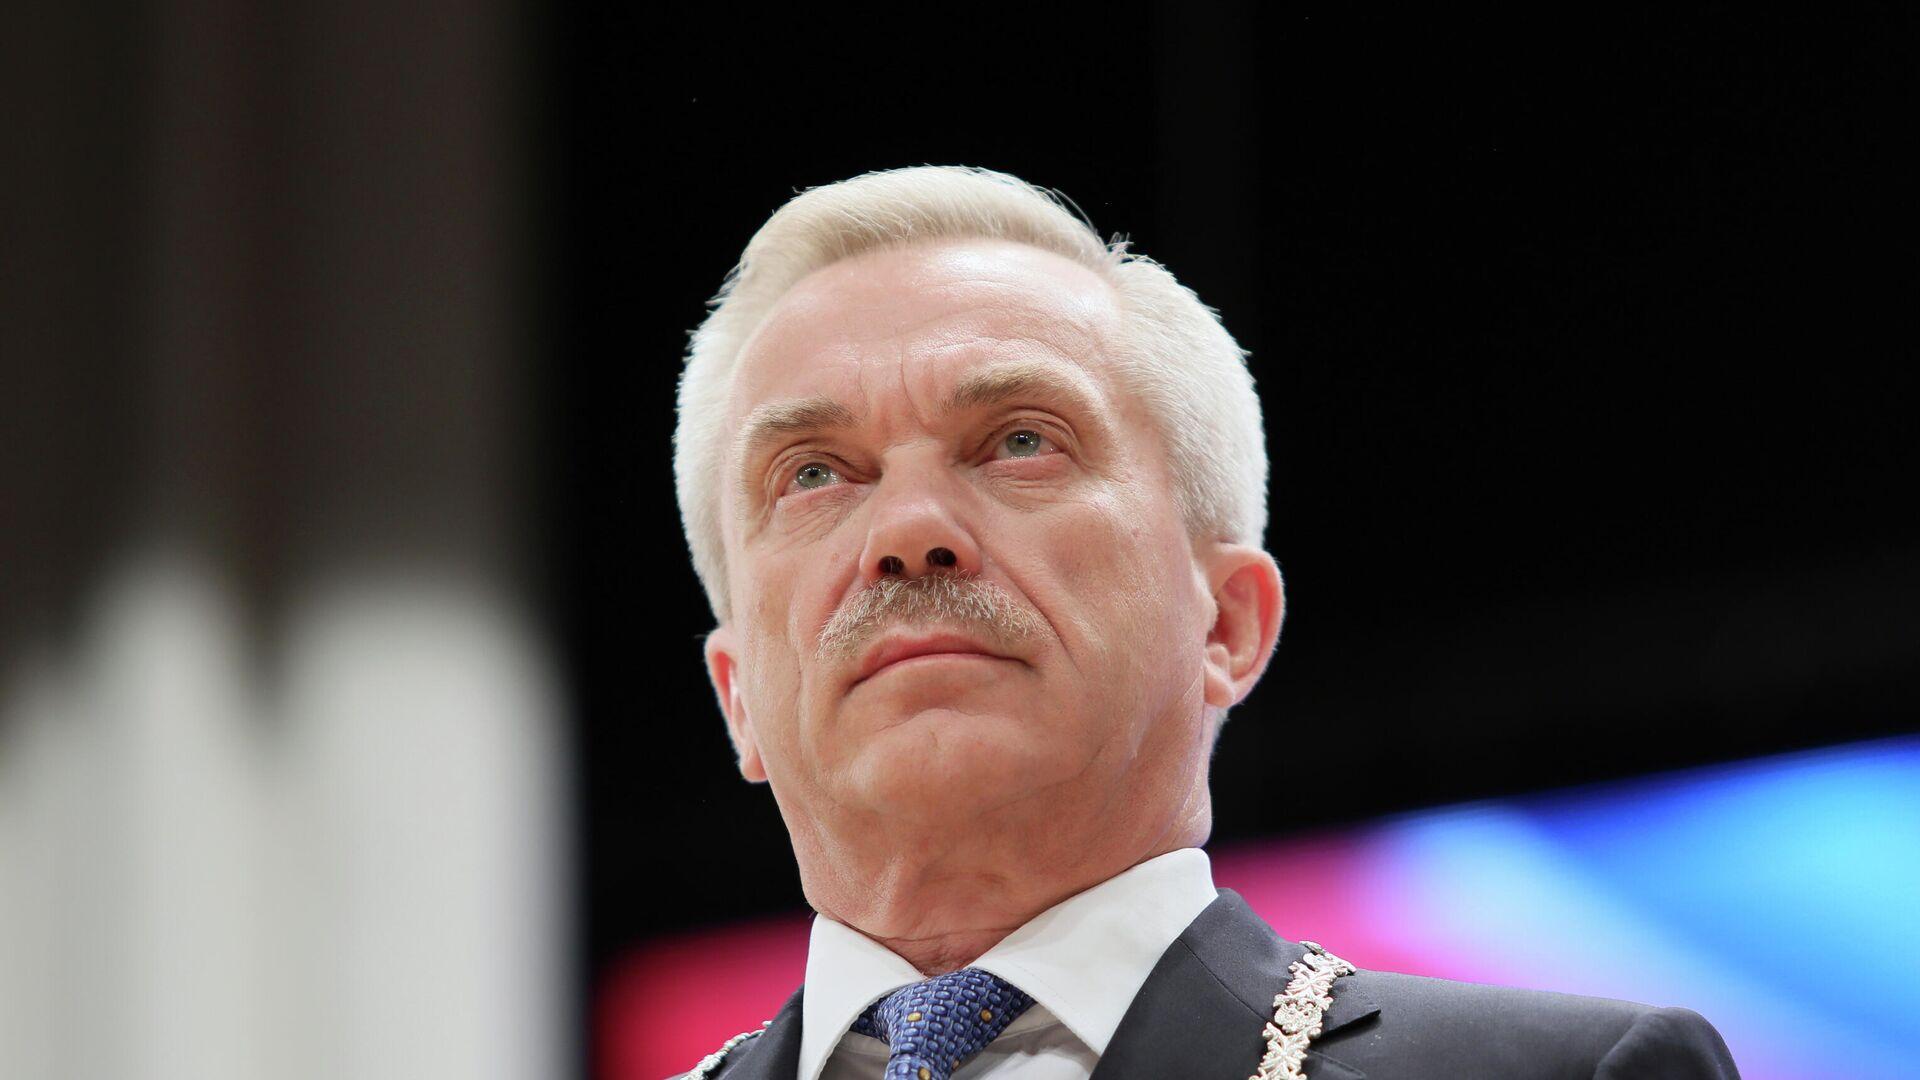 1577590808 0:30:3057:1750 1920x0 80 0 0 c94c47956a3146a4de520200e7404c5f - Бывший белгородский губернатор Савченко приступил к работе сенатором